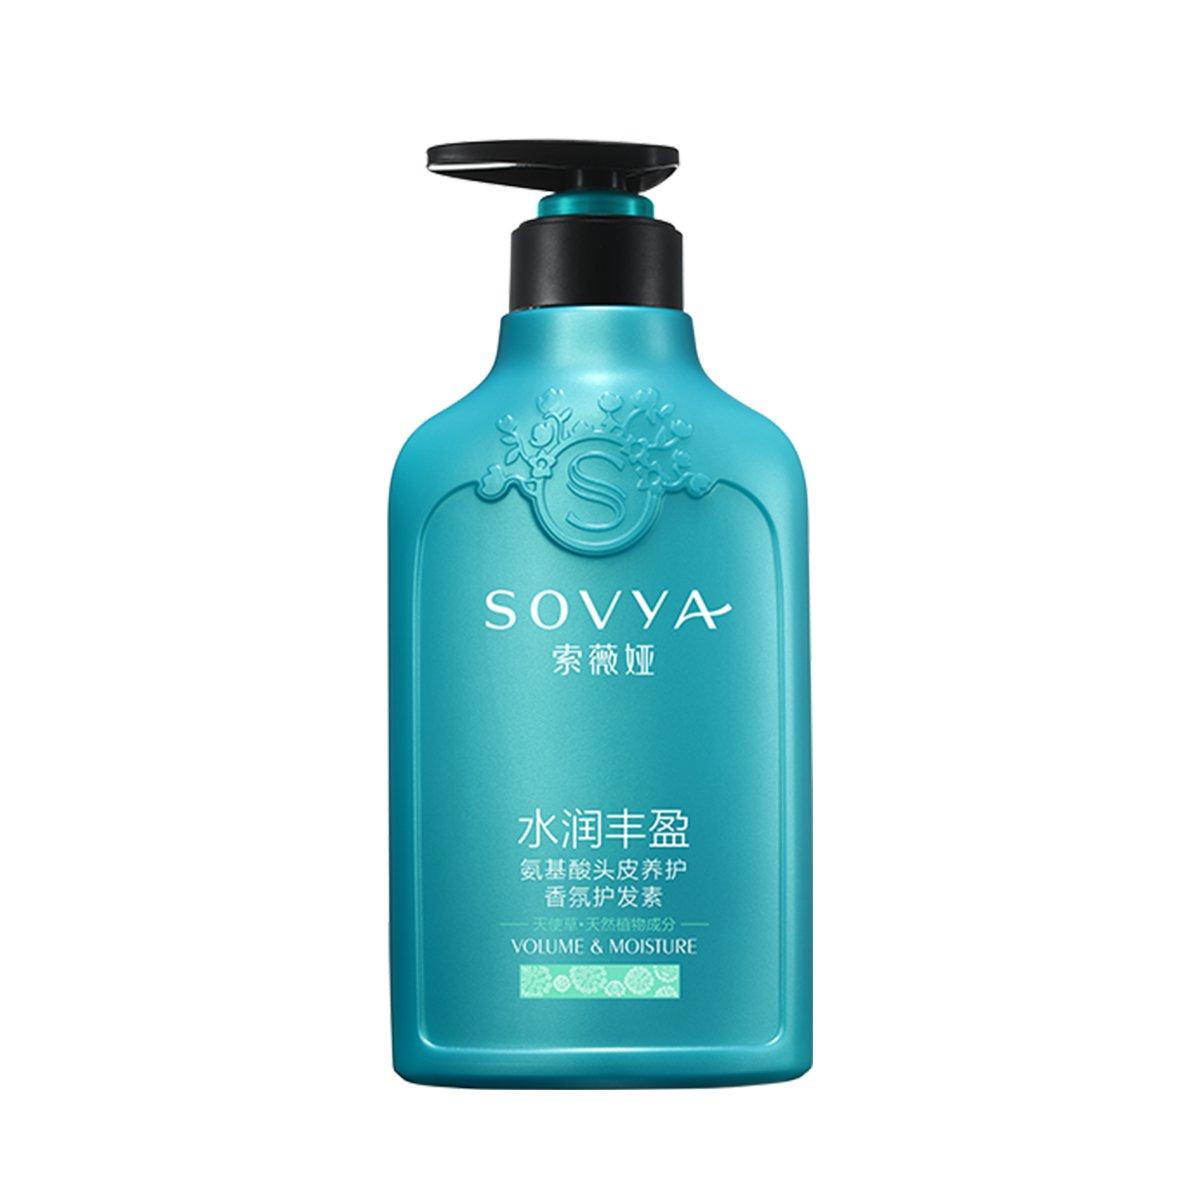 SOVYA 天使草水润丰盈氨基酸香氛护发素500ml留香无硅油清爽蓬松